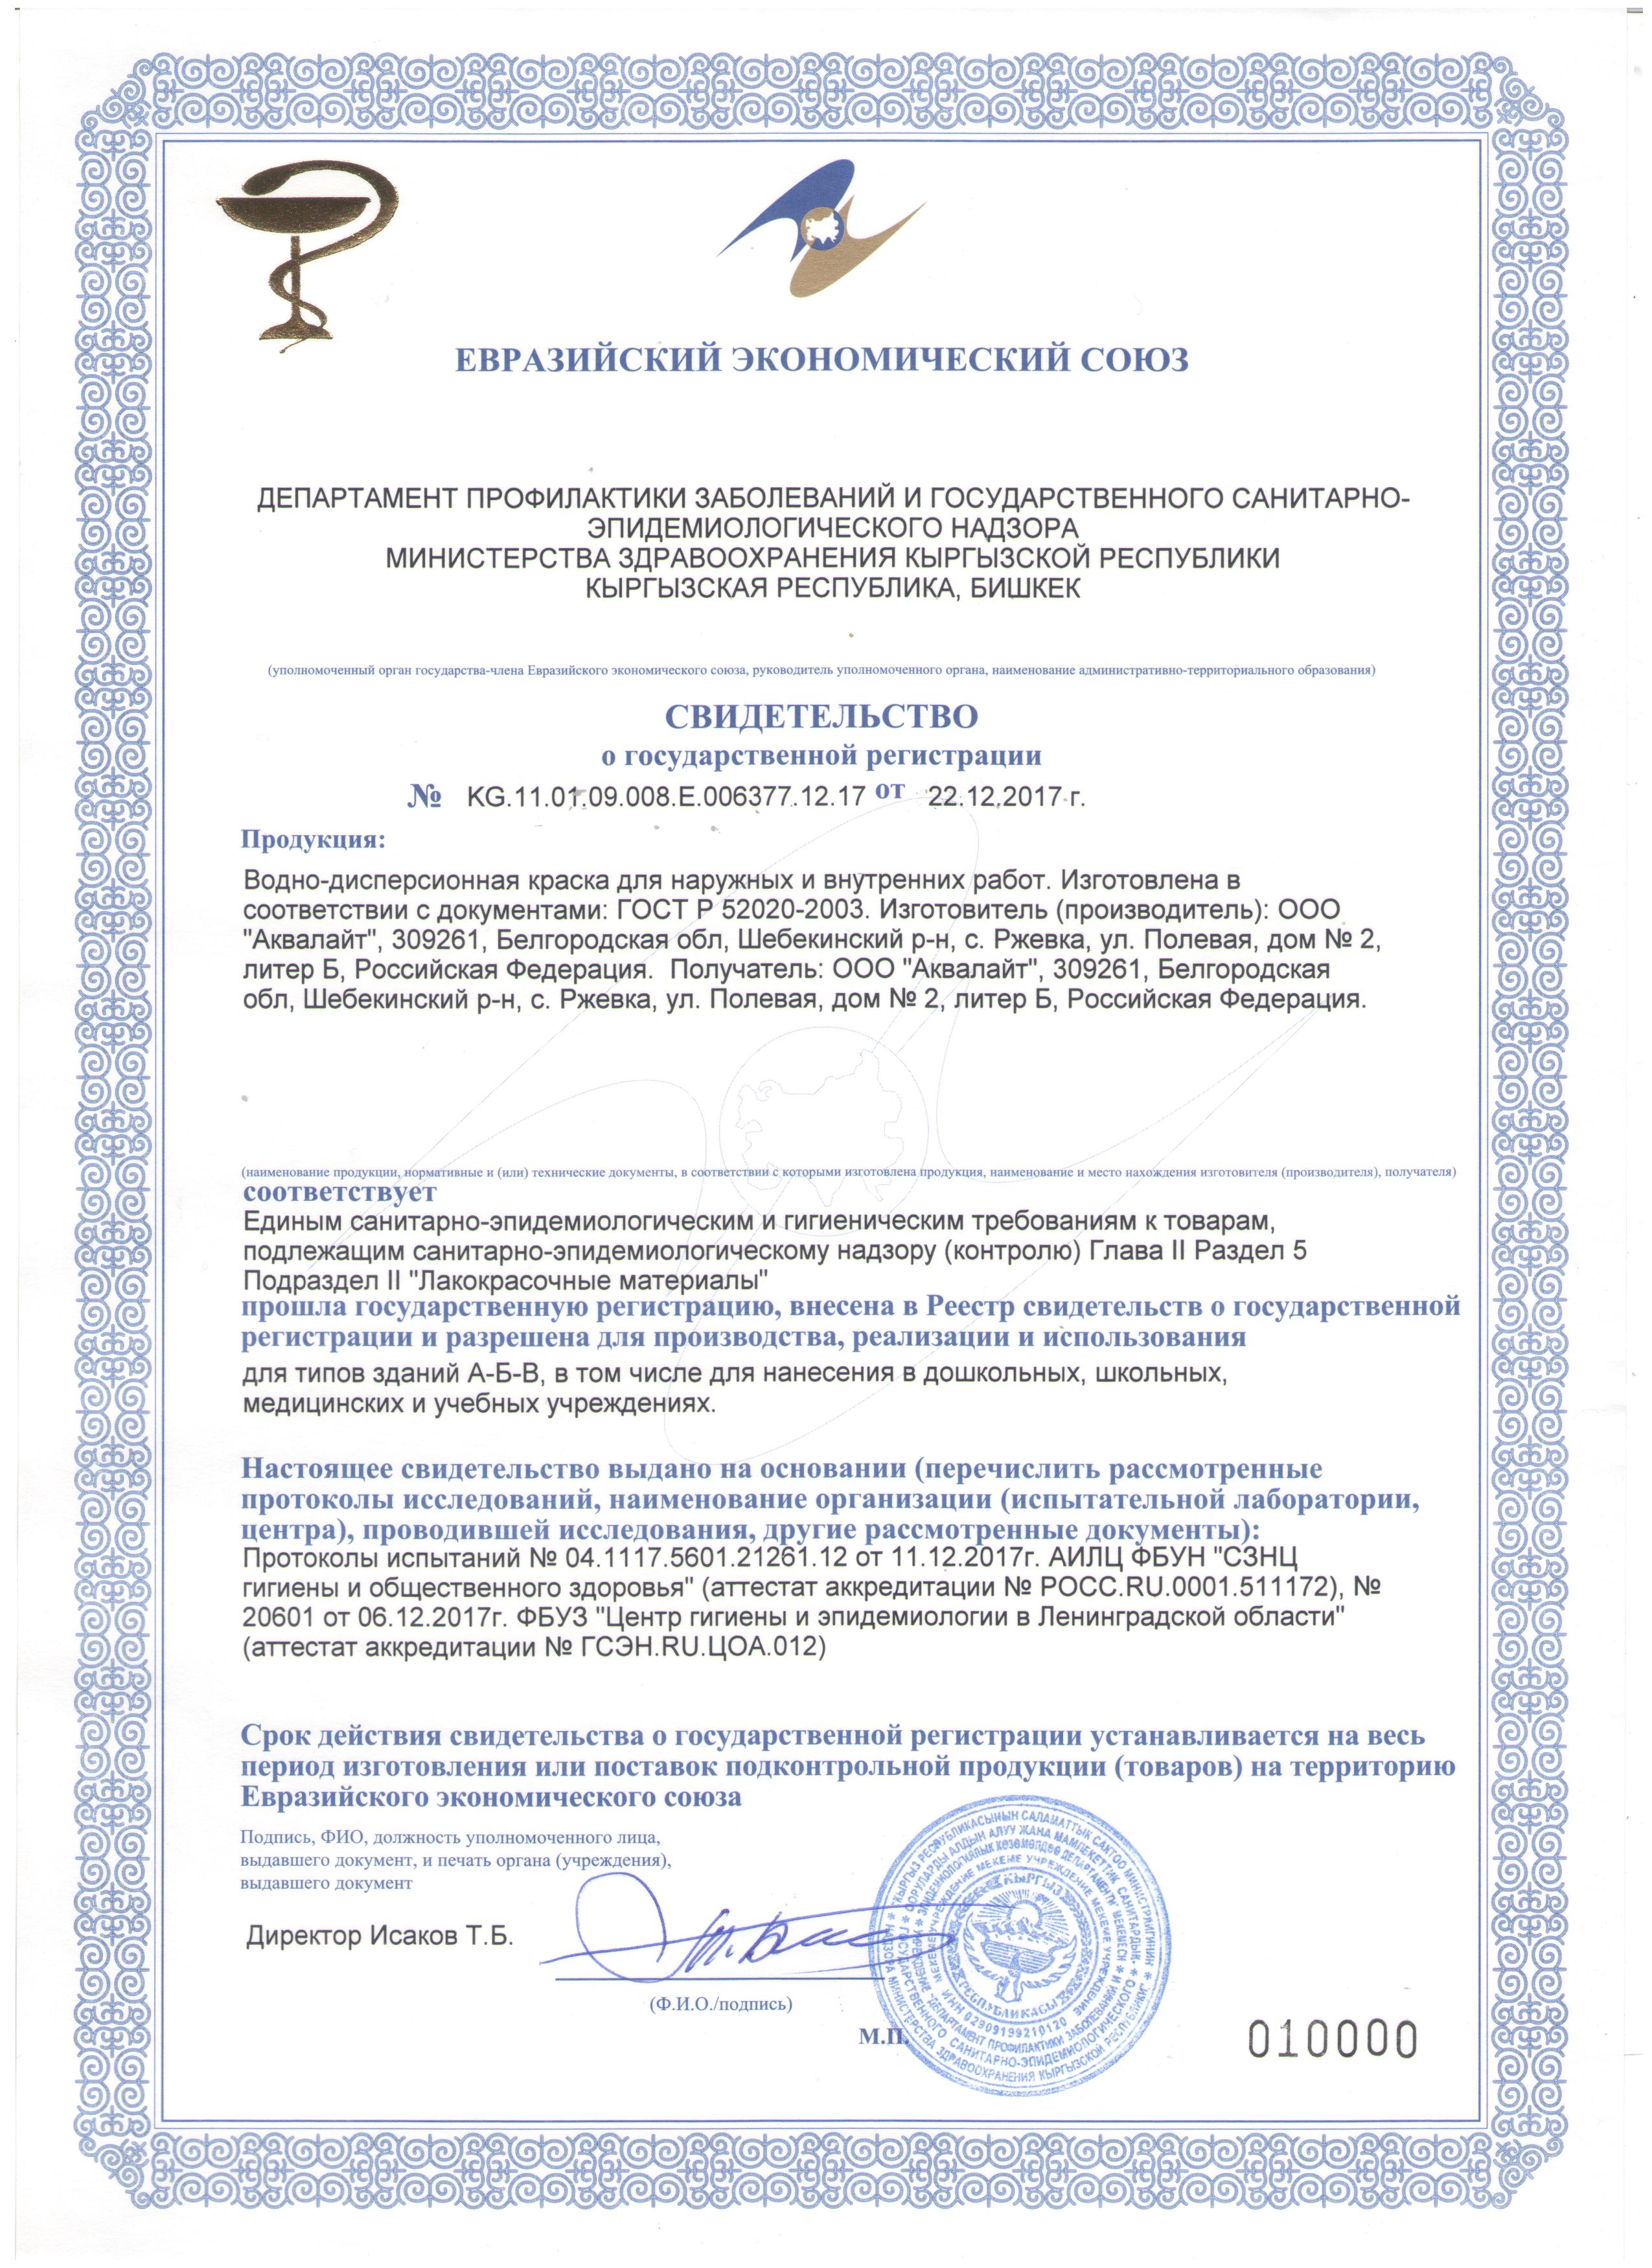 СГР ГОСТ Р 52020-2003